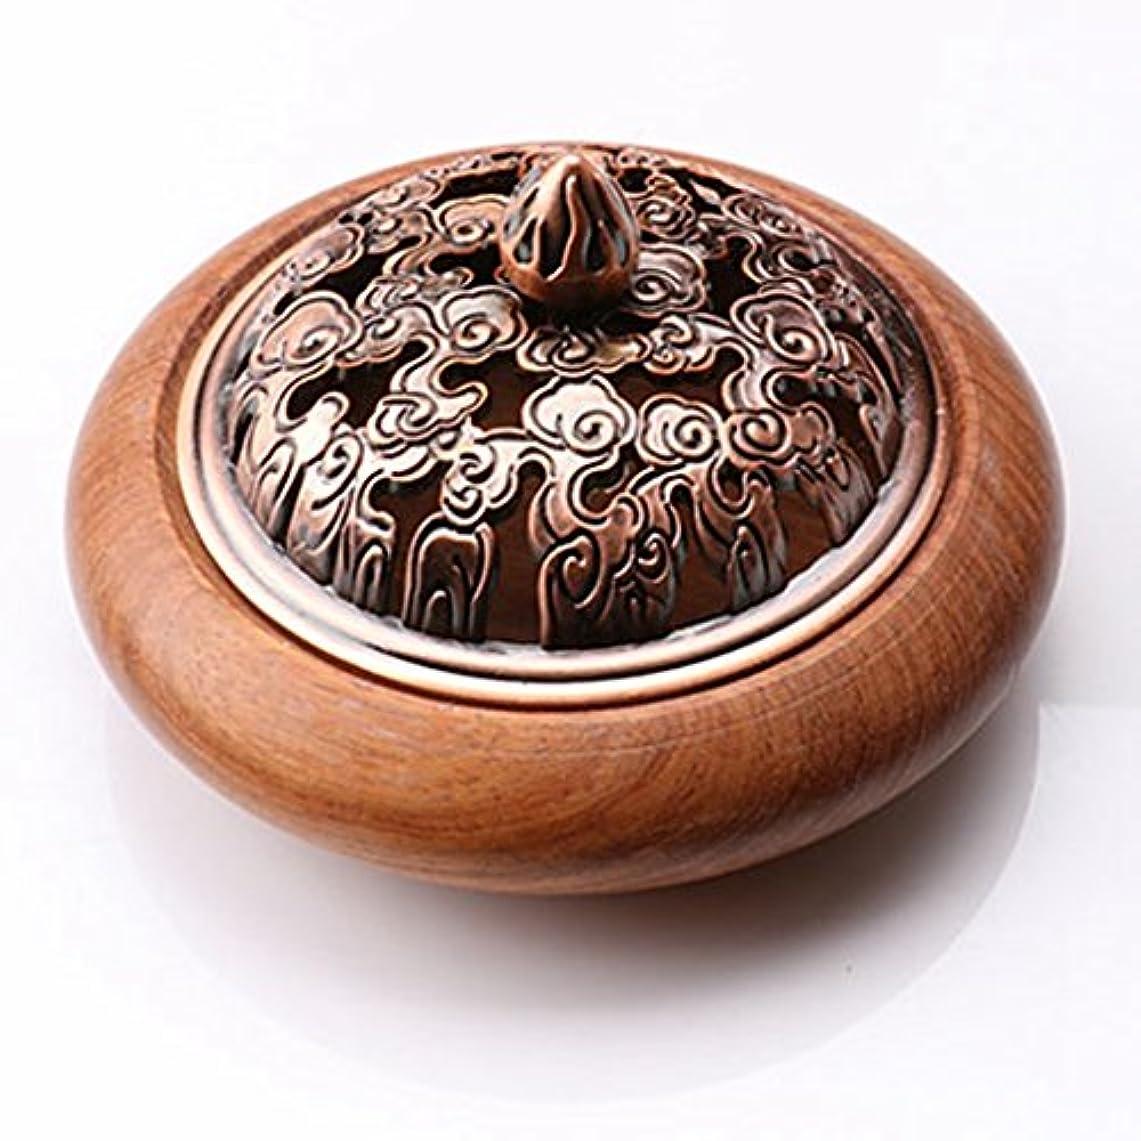 変換ストレンジャー無秩序(ラシューバー) Lasuiveur 香炉 香立て 渦巻き線香 線香立て お香立て 木製